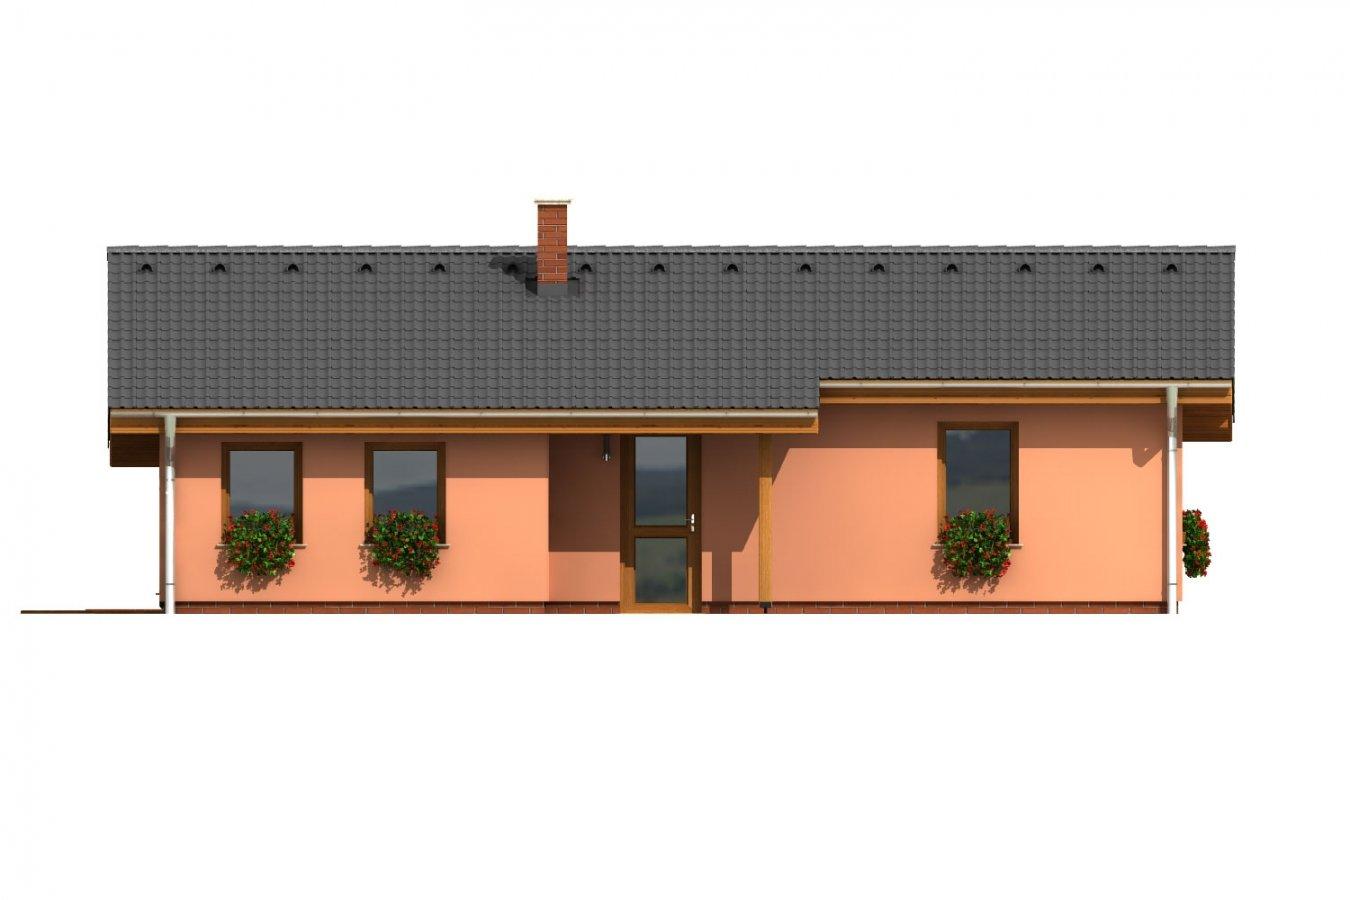 Pohľad 2. - Dom na úzky pozemok s krytou terasou.